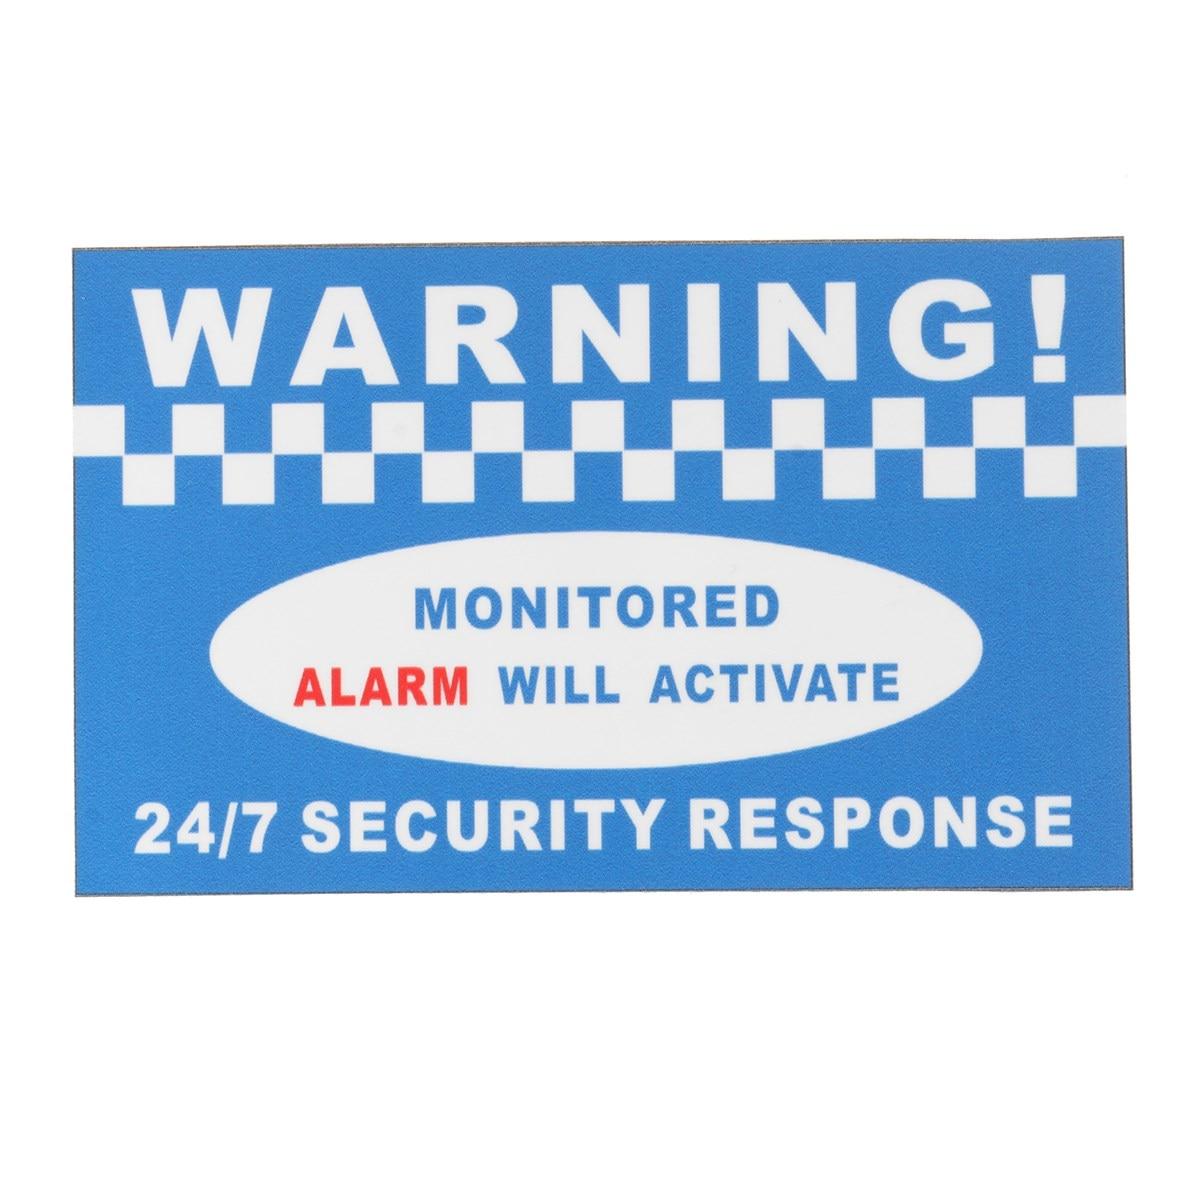 Safurance предупреждение безопасности защиты виниловые сигнализации Наклейки Войти Наклейка дома офисные Детская безопасность